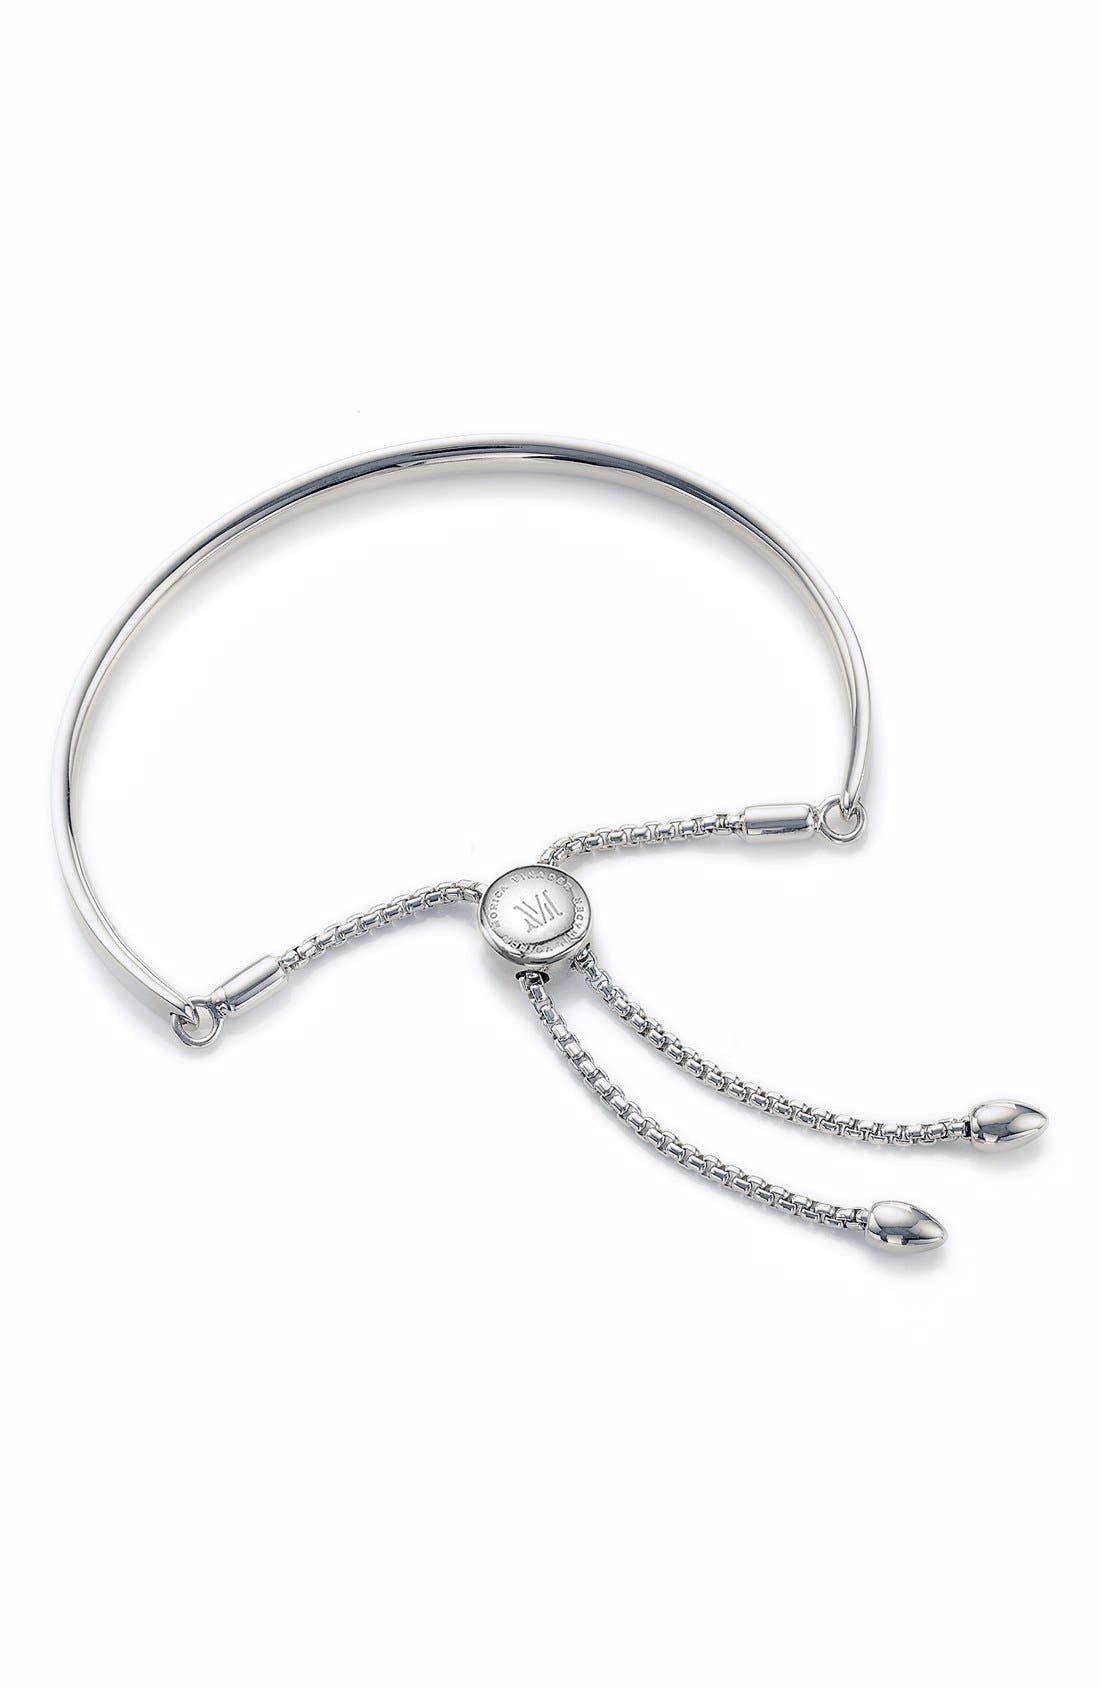 Engravable Fiji Petite Friendship Bracelet,                         Main,                         color, SILVER